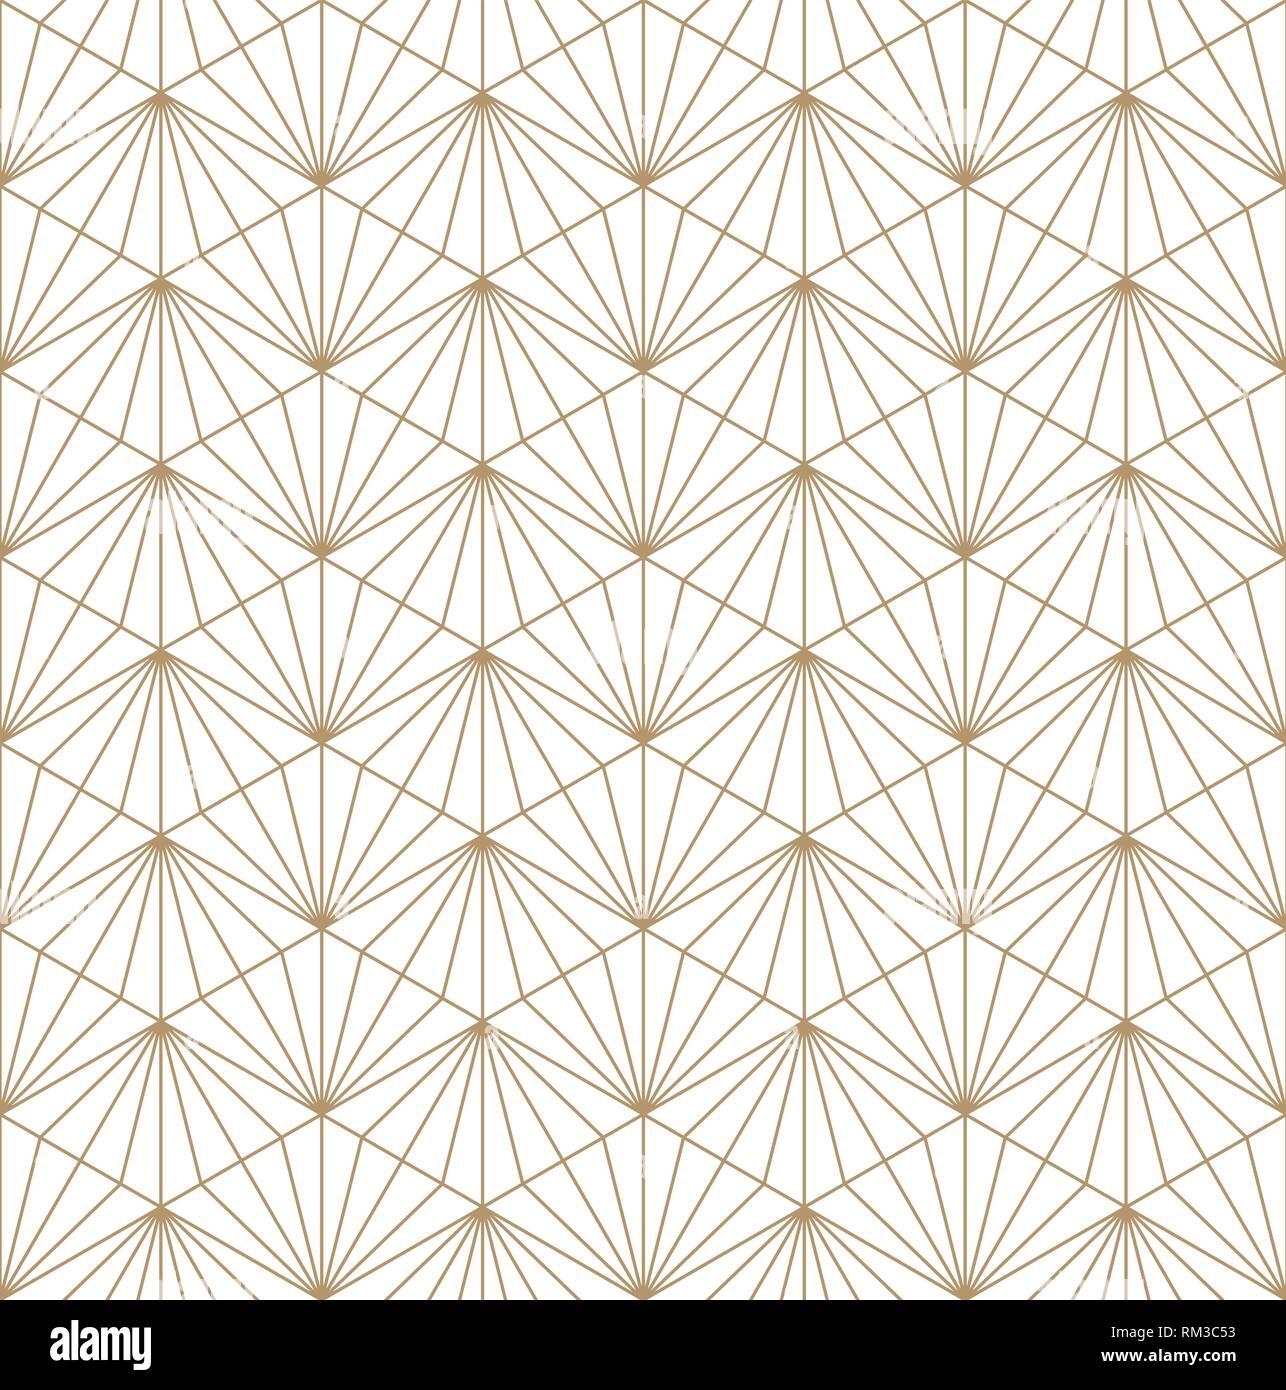 https www alamyimages fr beau motif japonais transparente pour l ecran kumiko shoji grand design pour tout usage vecteur de fond japonais w traditionnel japonais image236103311 html